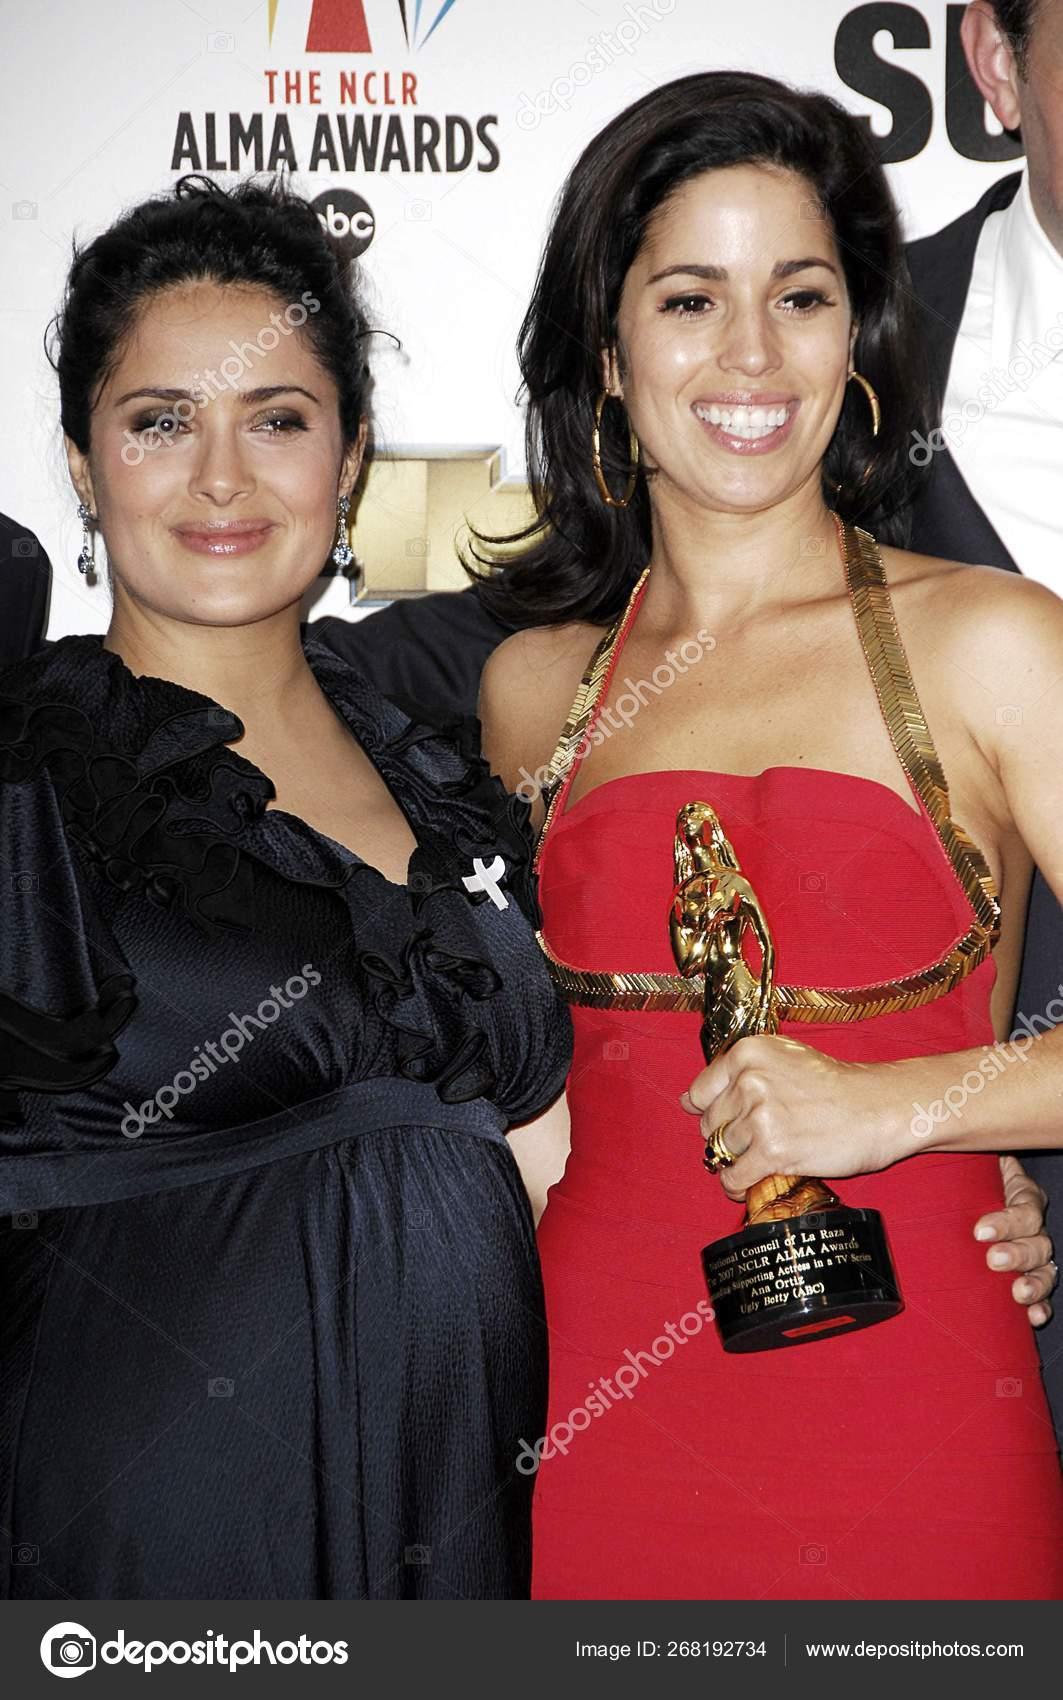 Ana Ortiz Pictures salma hayek ana ortiz press room alma awards 2007 press